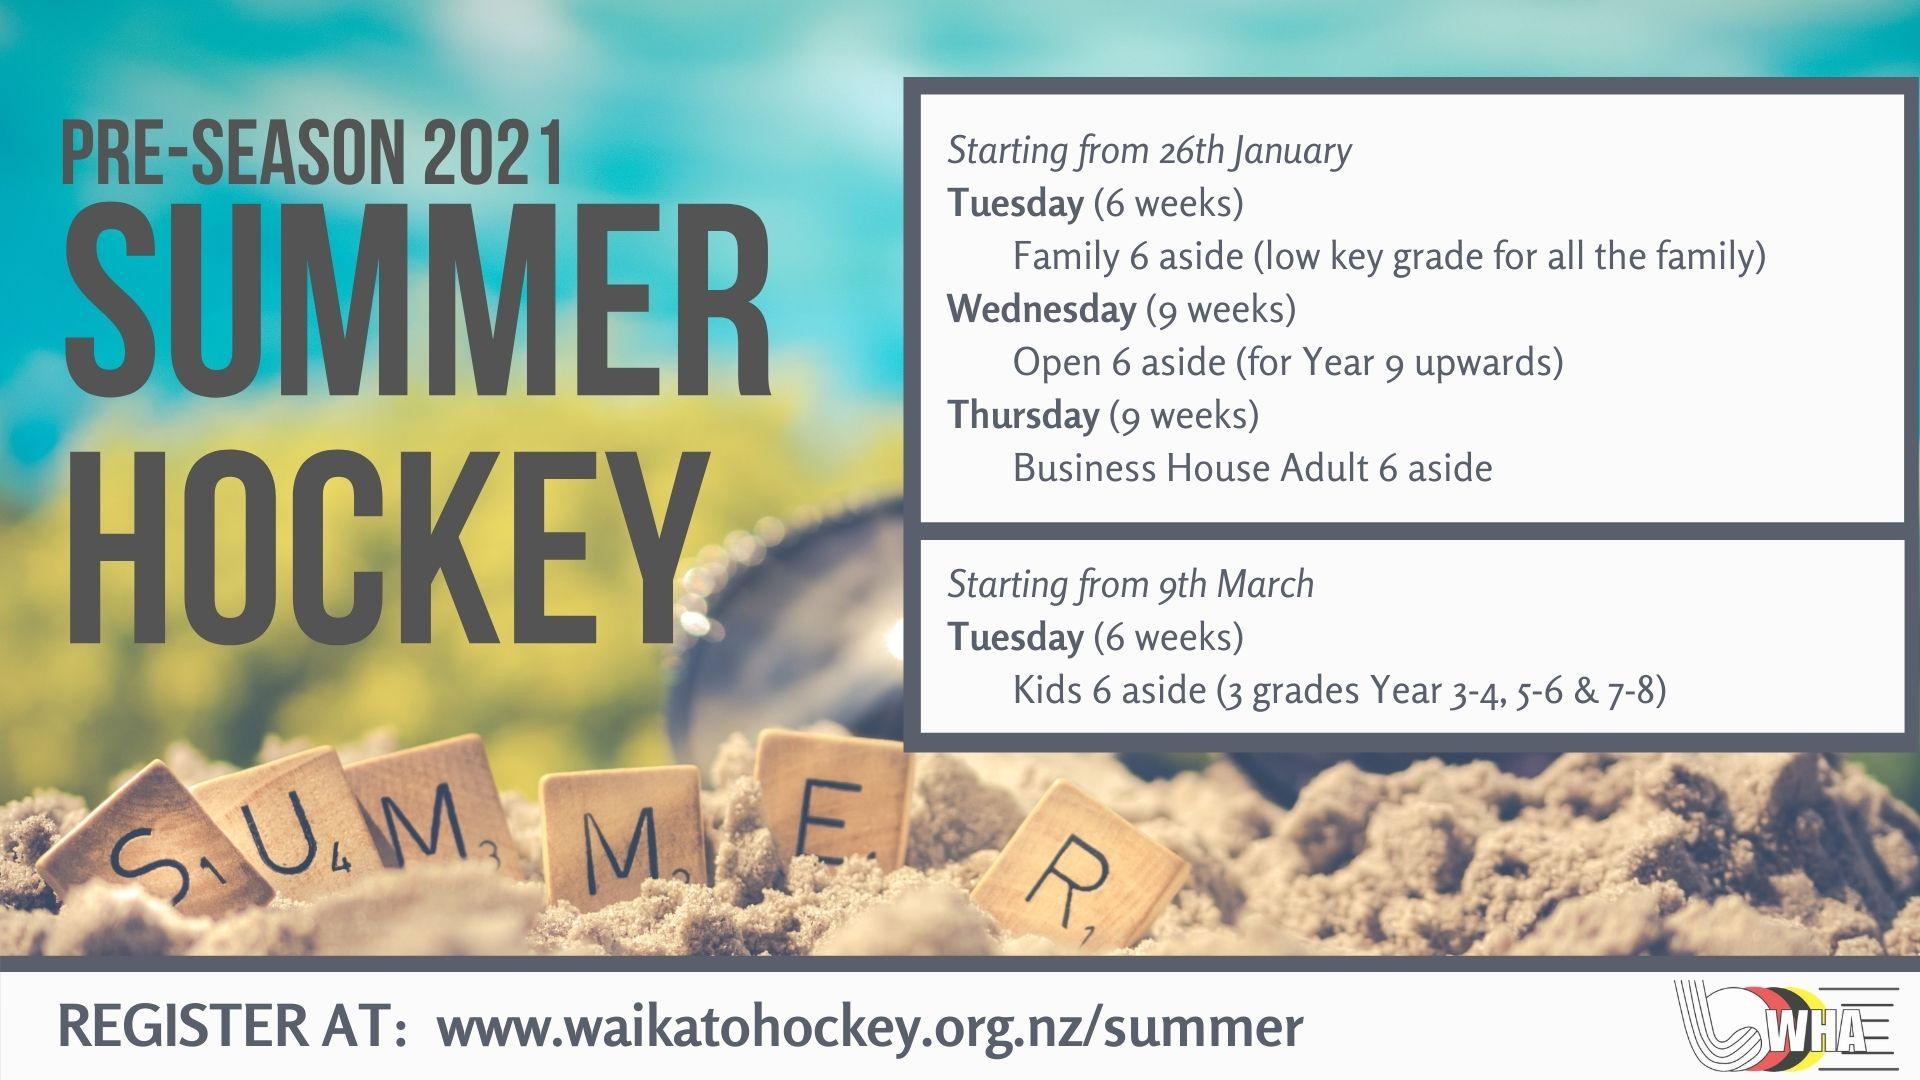 Summer Hockey Pre-Season 2021